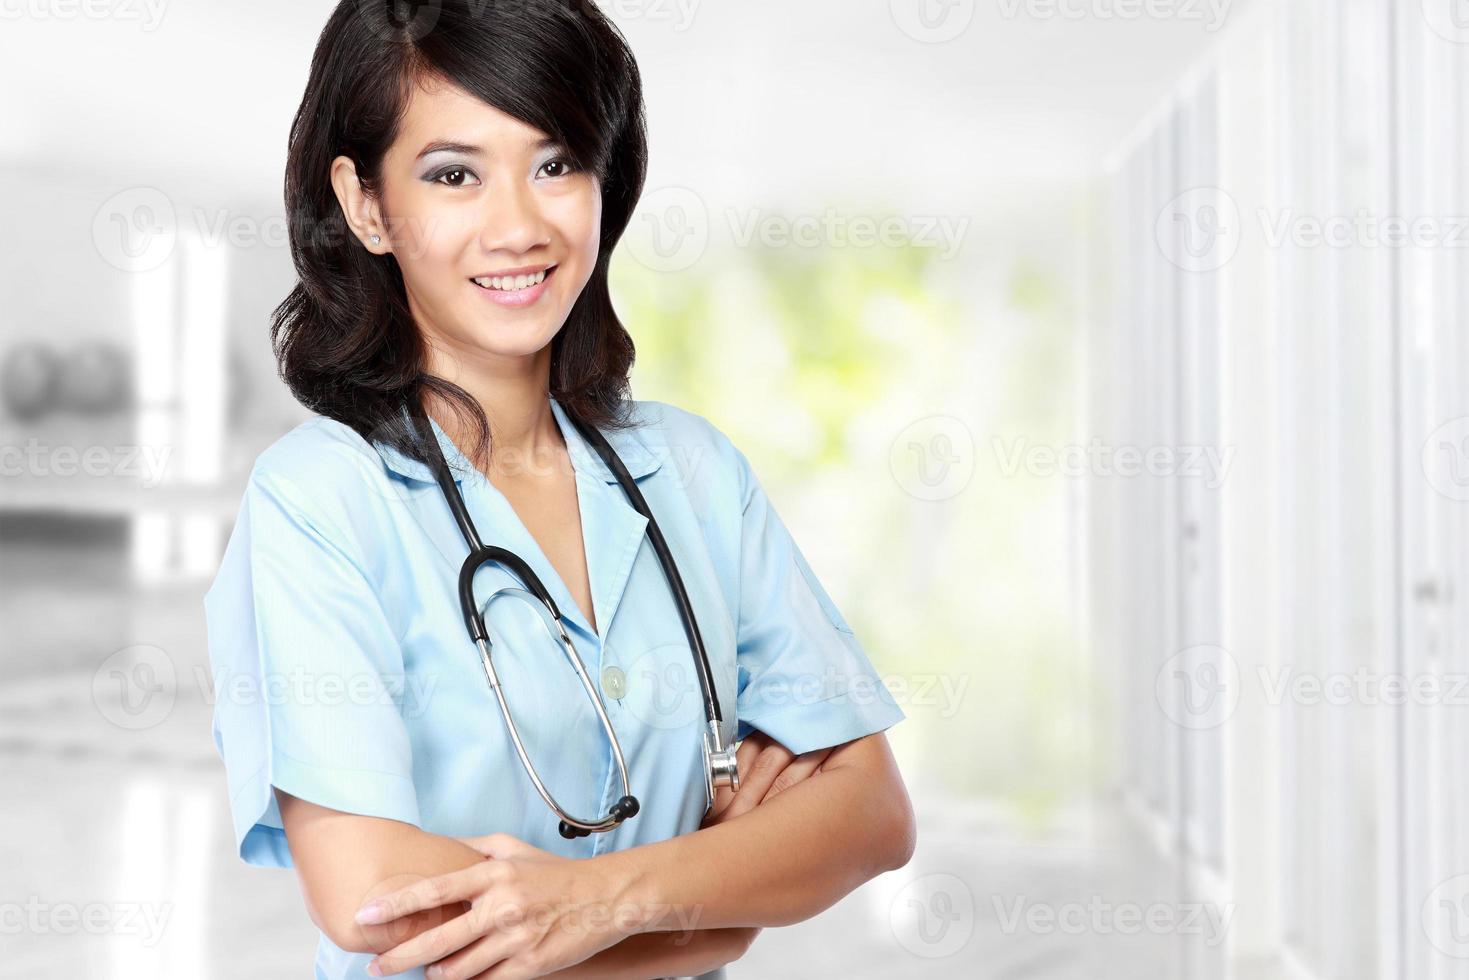 médico feminino de beleza com o braço cruzado foto